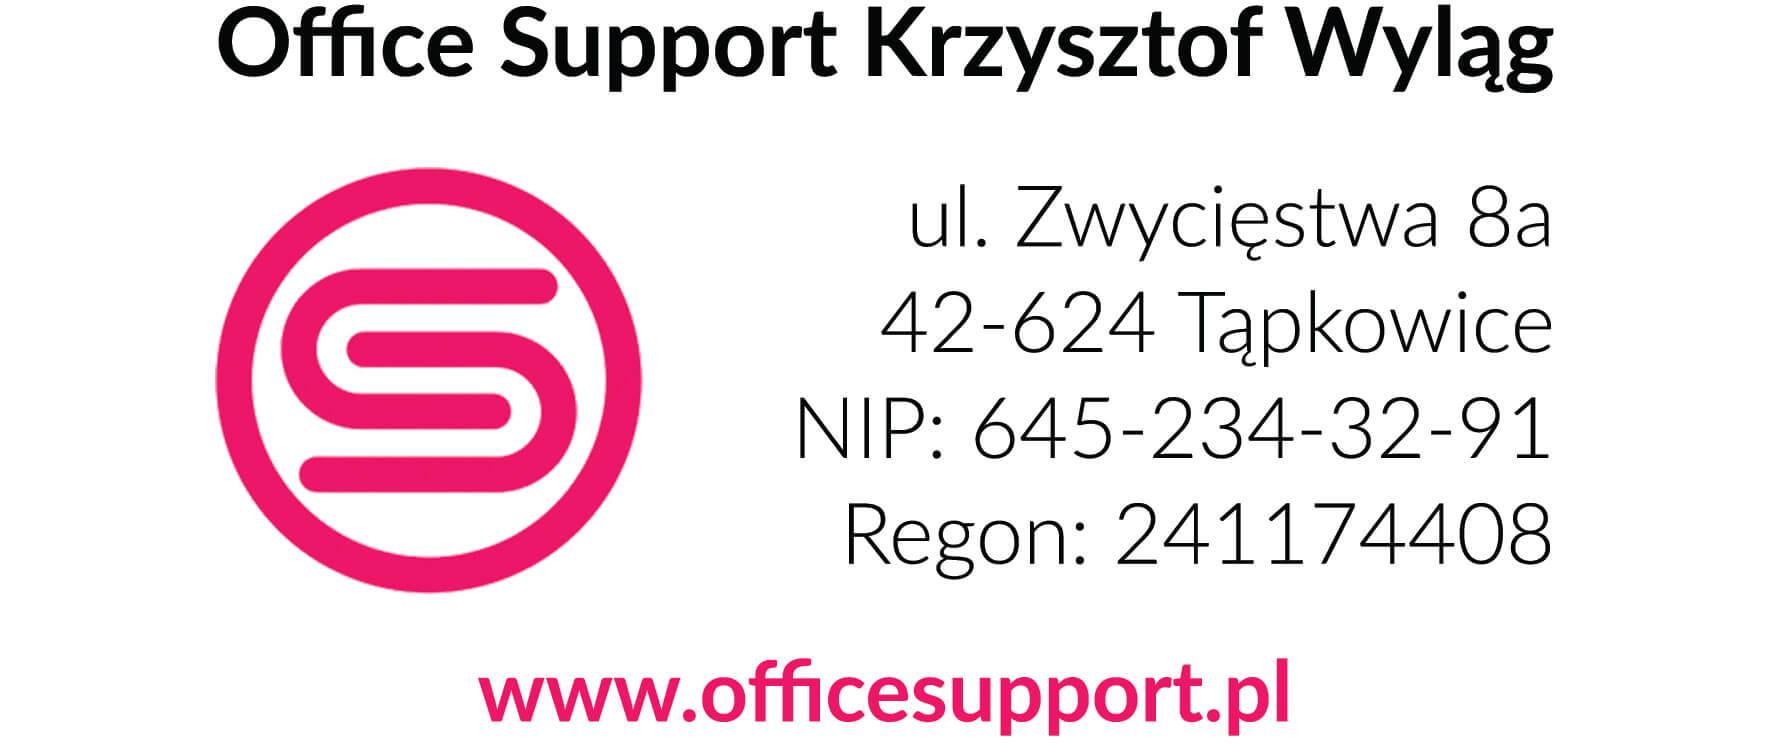 adres office support pieczątka firmowa